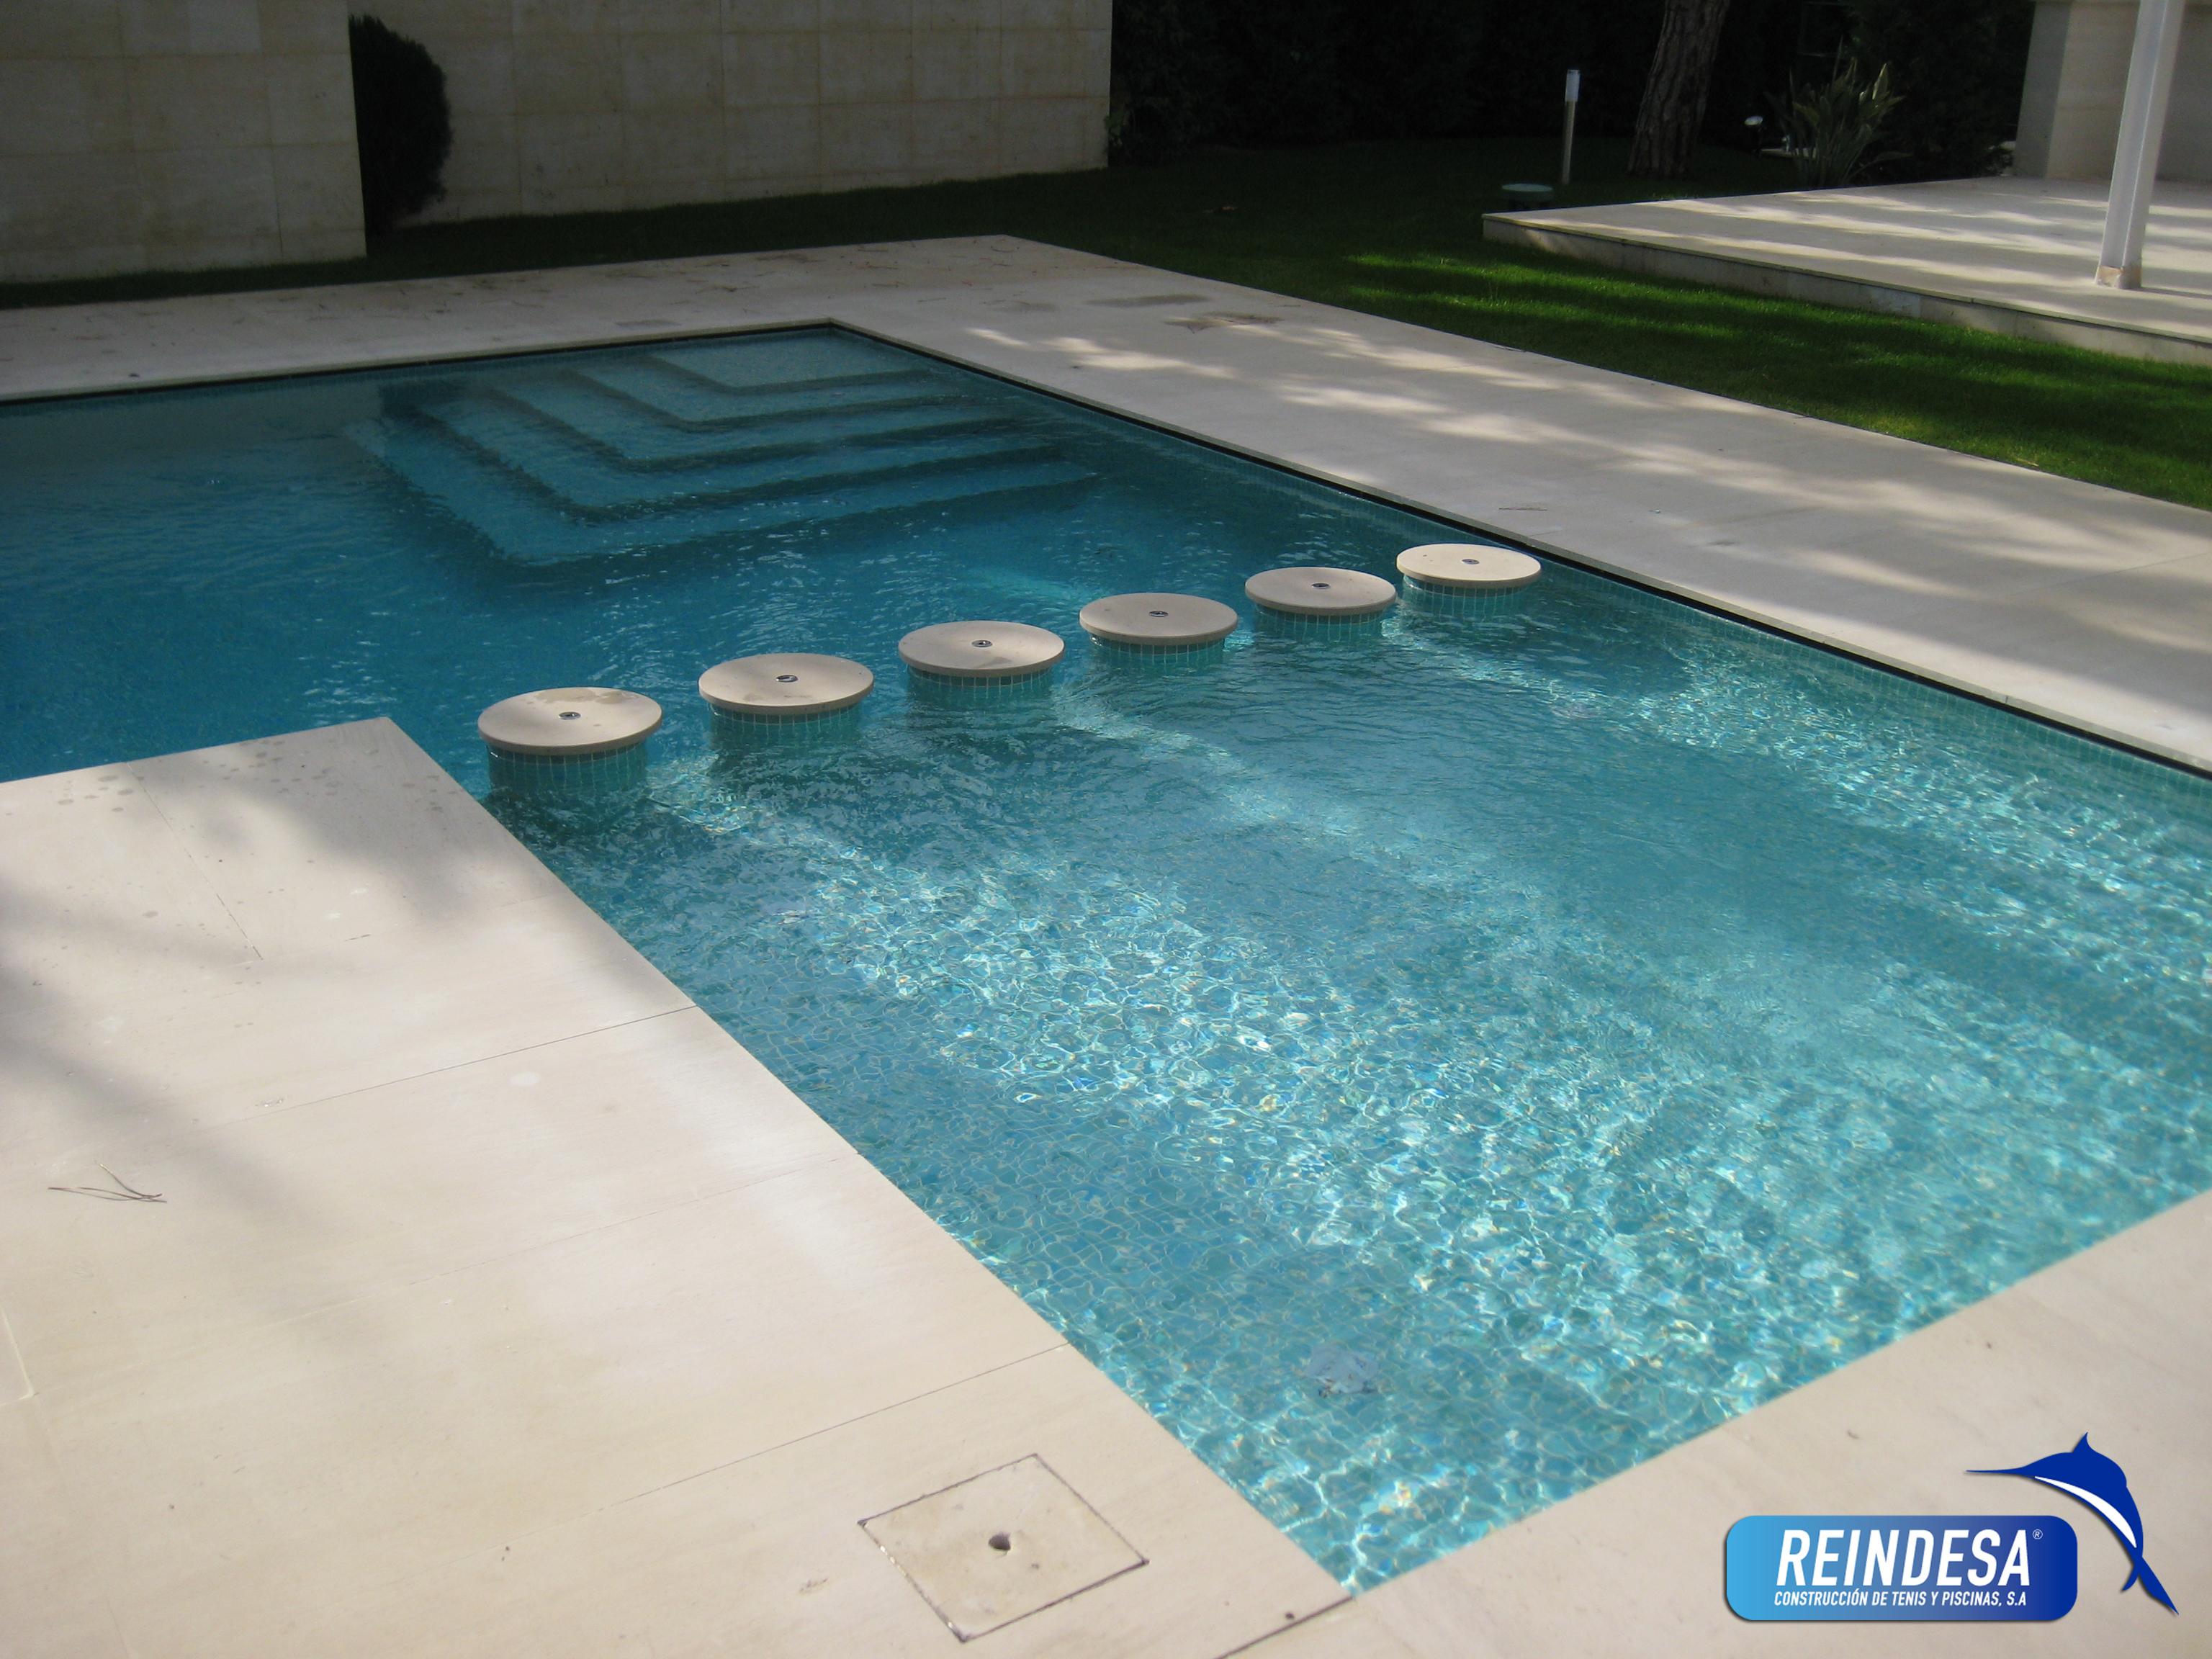 Construccion de tenis y piscinas s a reindesa - Gresite piscinas colores ...